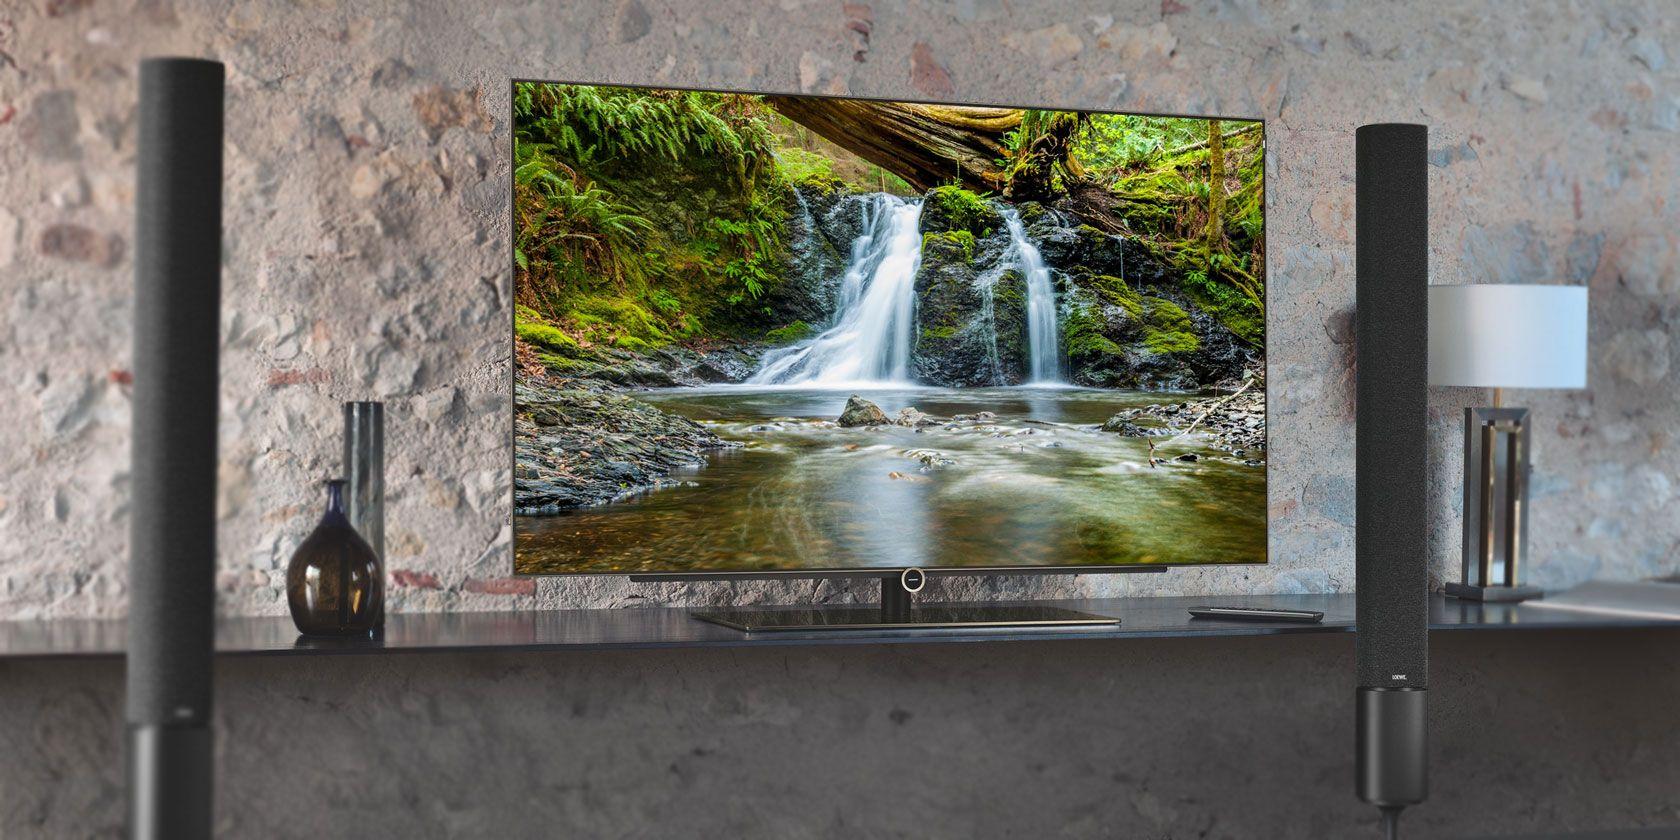 tv-resolution-compare